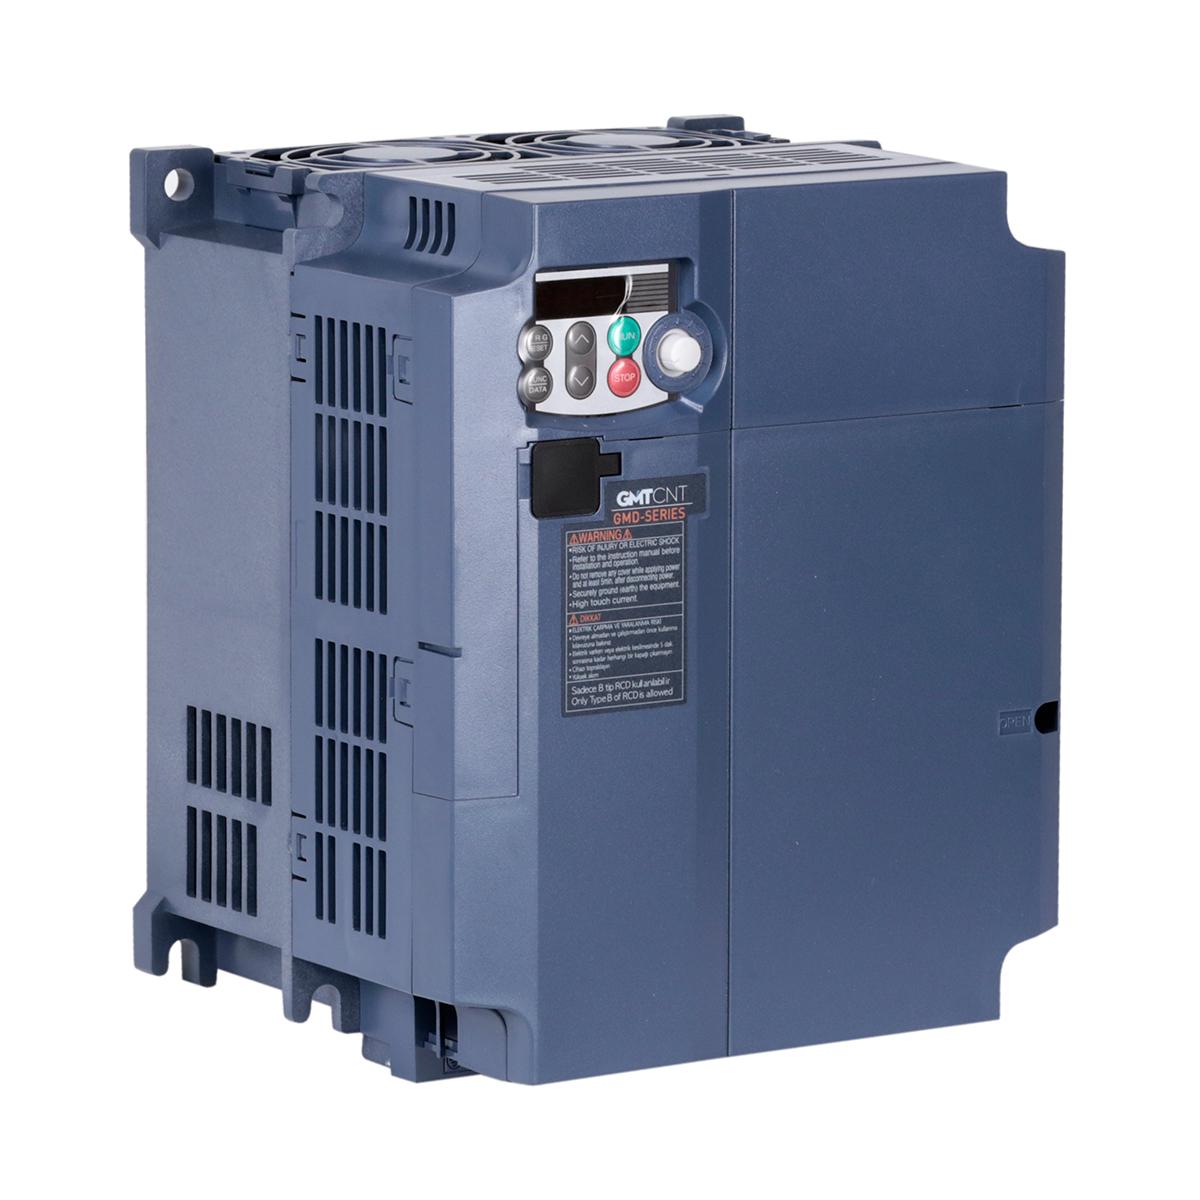 GMD 0.75 kW~15 kW